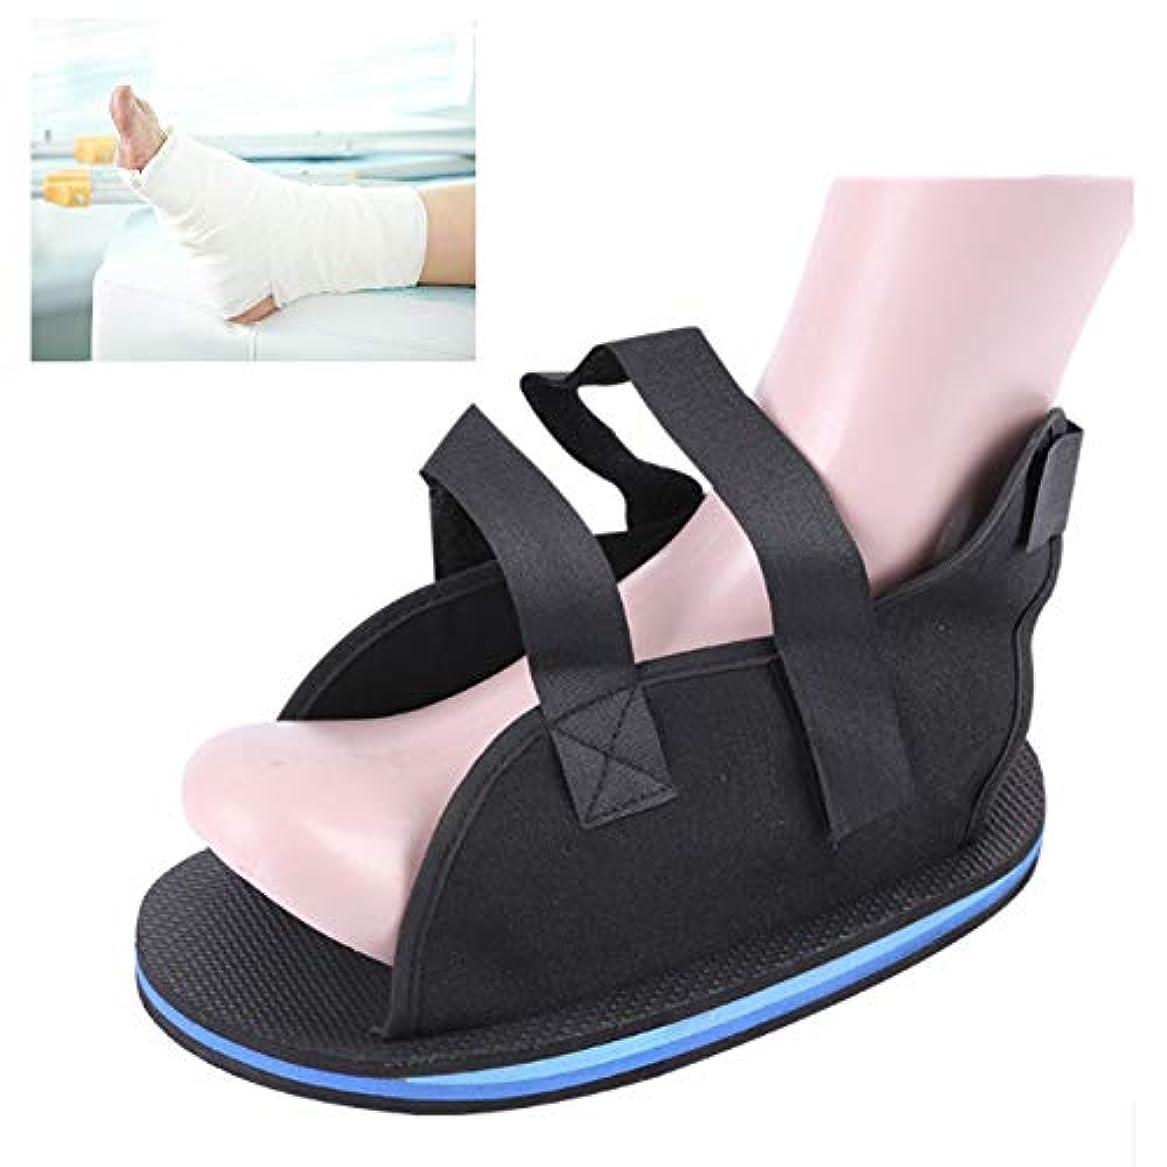 端末抑制する失速術後ウォーキングブートキャスト医療靴骨折足の靴ポスト傷害外科治療リハビリ石膏靴,22cm2pcs